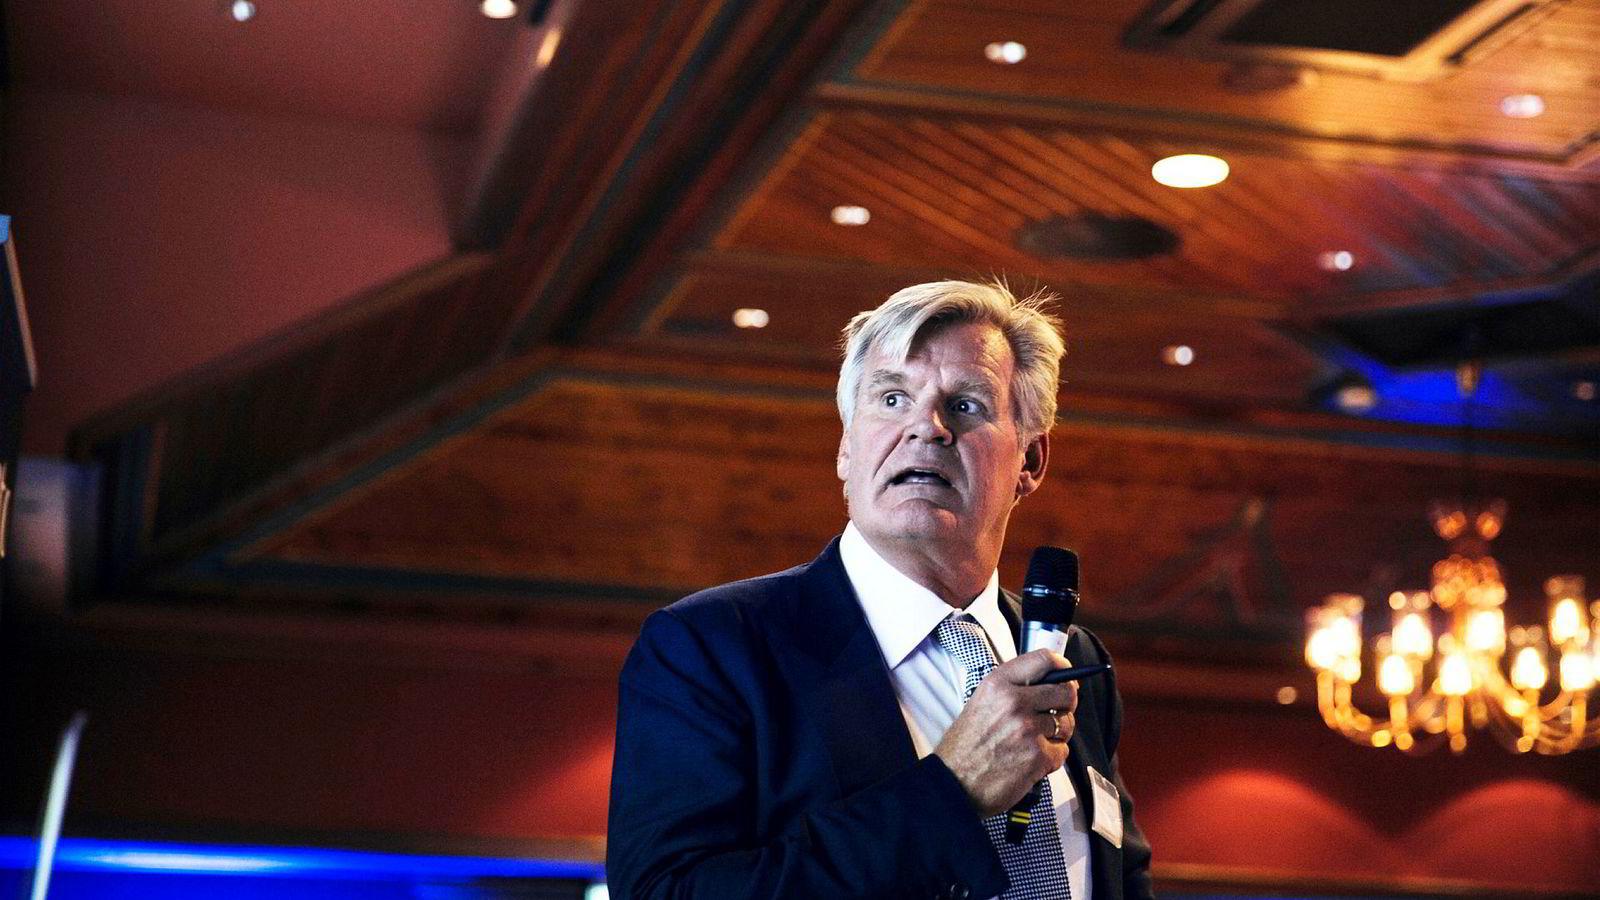 Tor Olav Trøim-kontrollerte Borr Drilling har sikret endelige tilsagn om finansiering på totalt 645 millioner dollar.